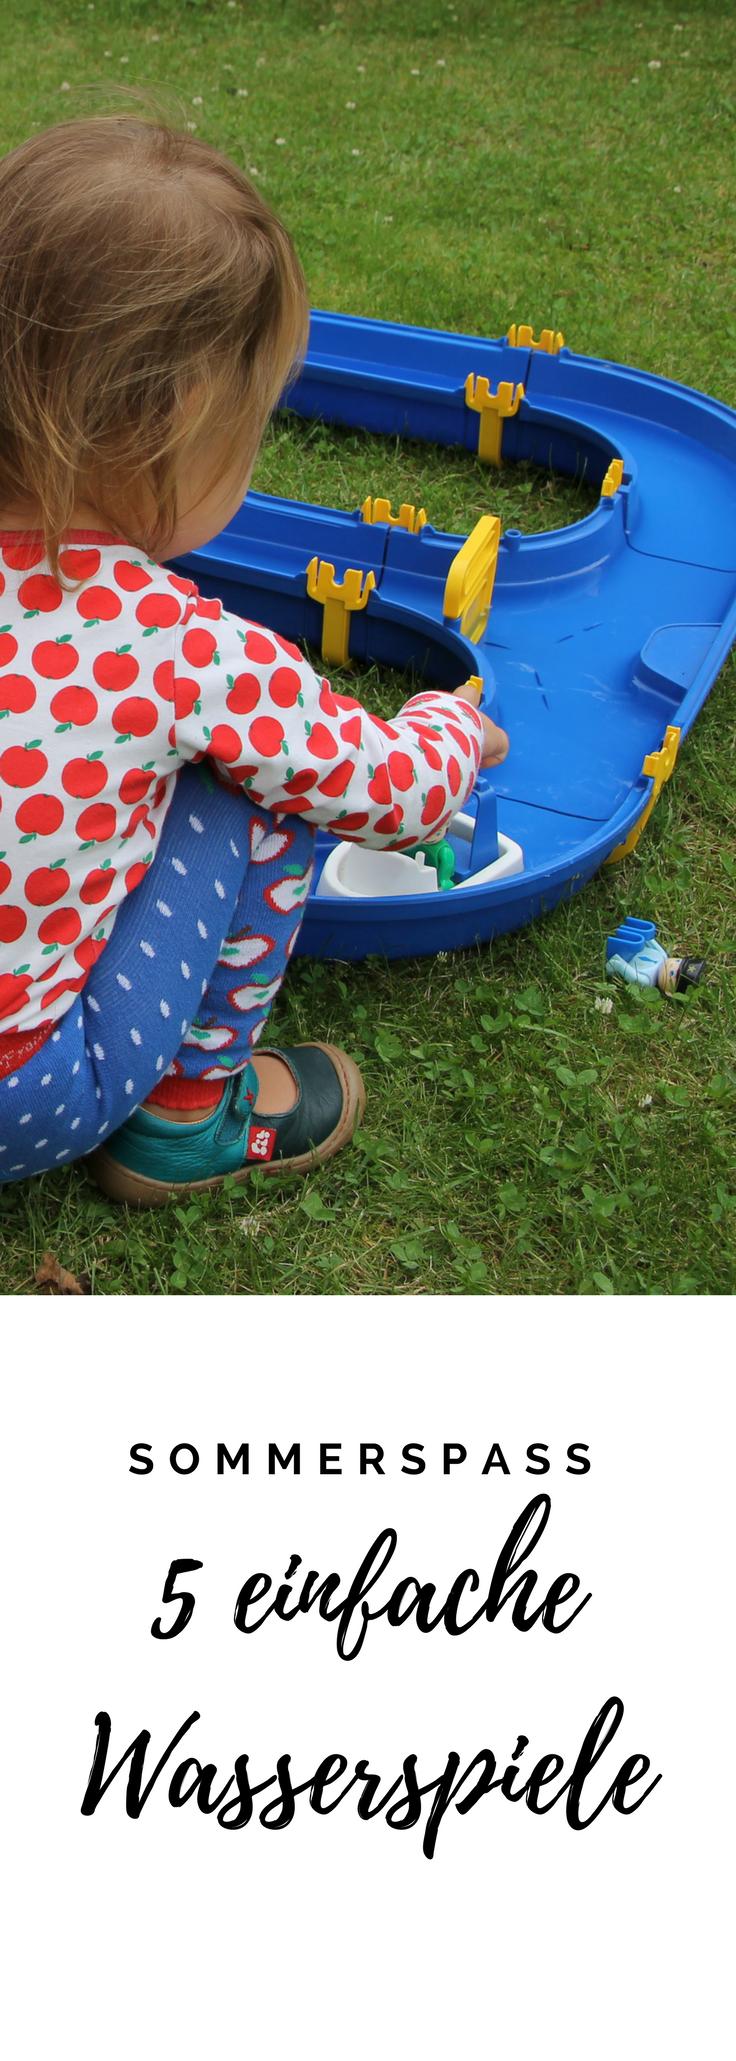 5 Ideen Fur Spiele Mit Wasser Im Garten Spiele Mit Wasser Wasserspiele Kinder Kinder Spiele Draussen